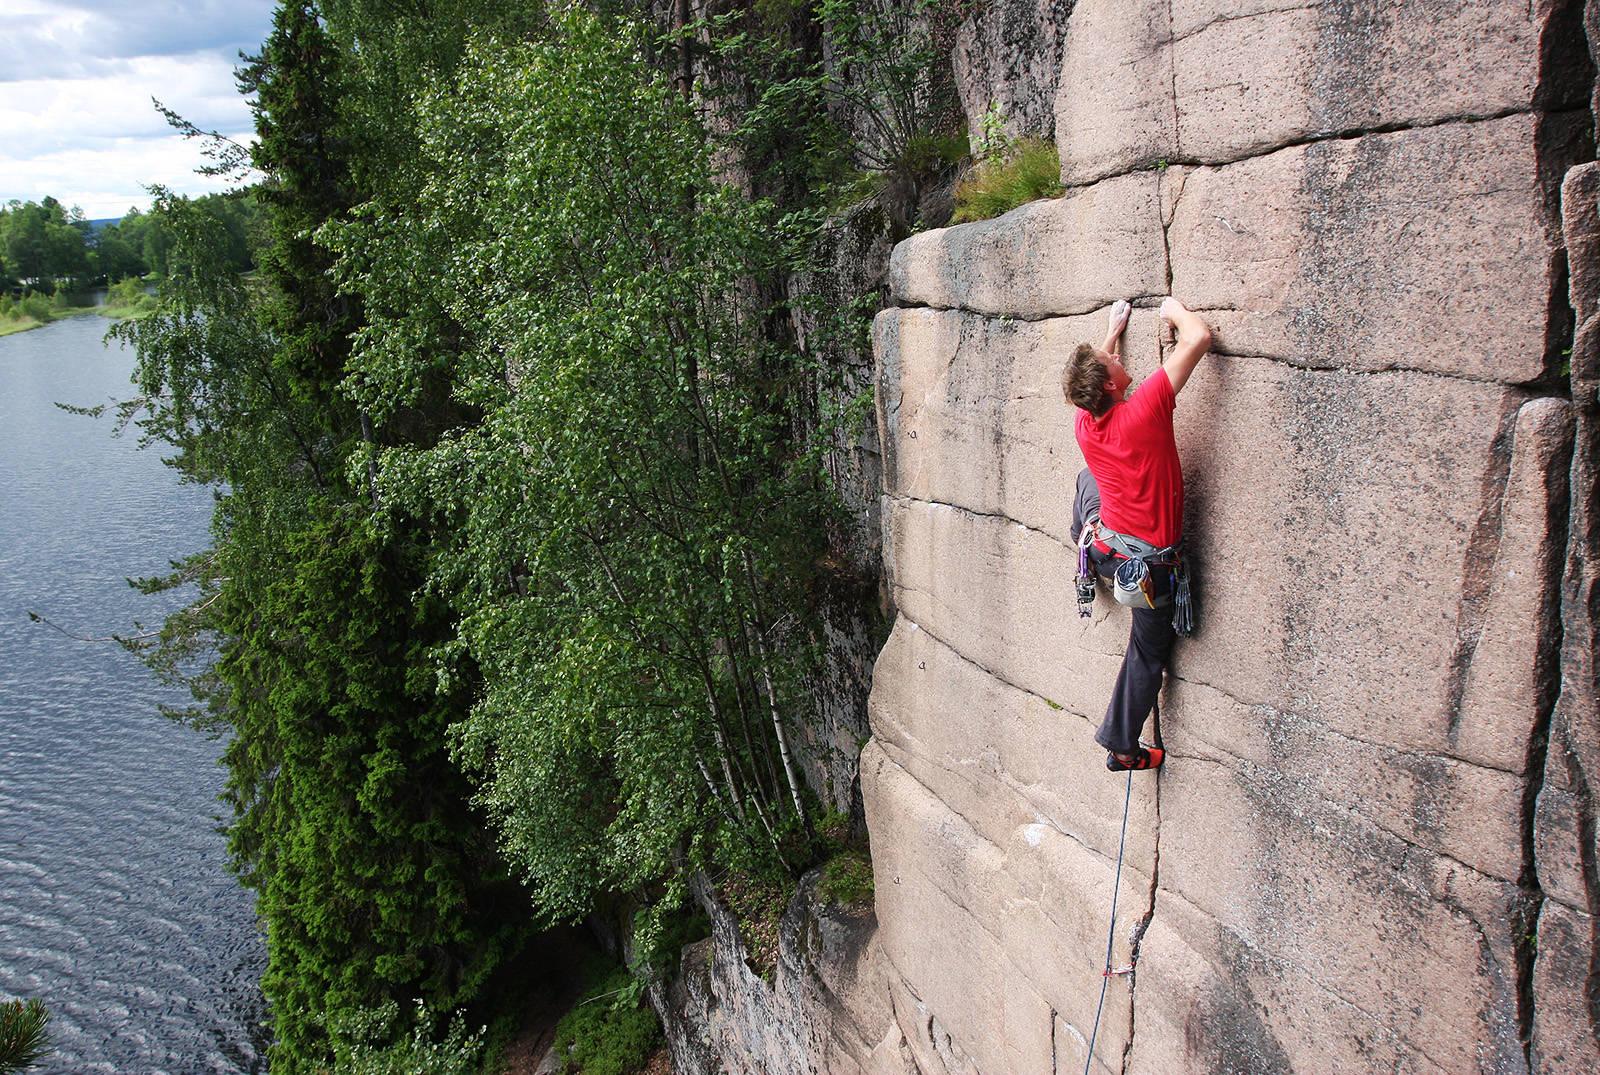 IØYNEFALLENDE TYNT: Fingra fra kanten (7) er ikke veldig langt, men veldig fint. Klatrer: Øystein K. Johnsen. Foto: Dag Hagen